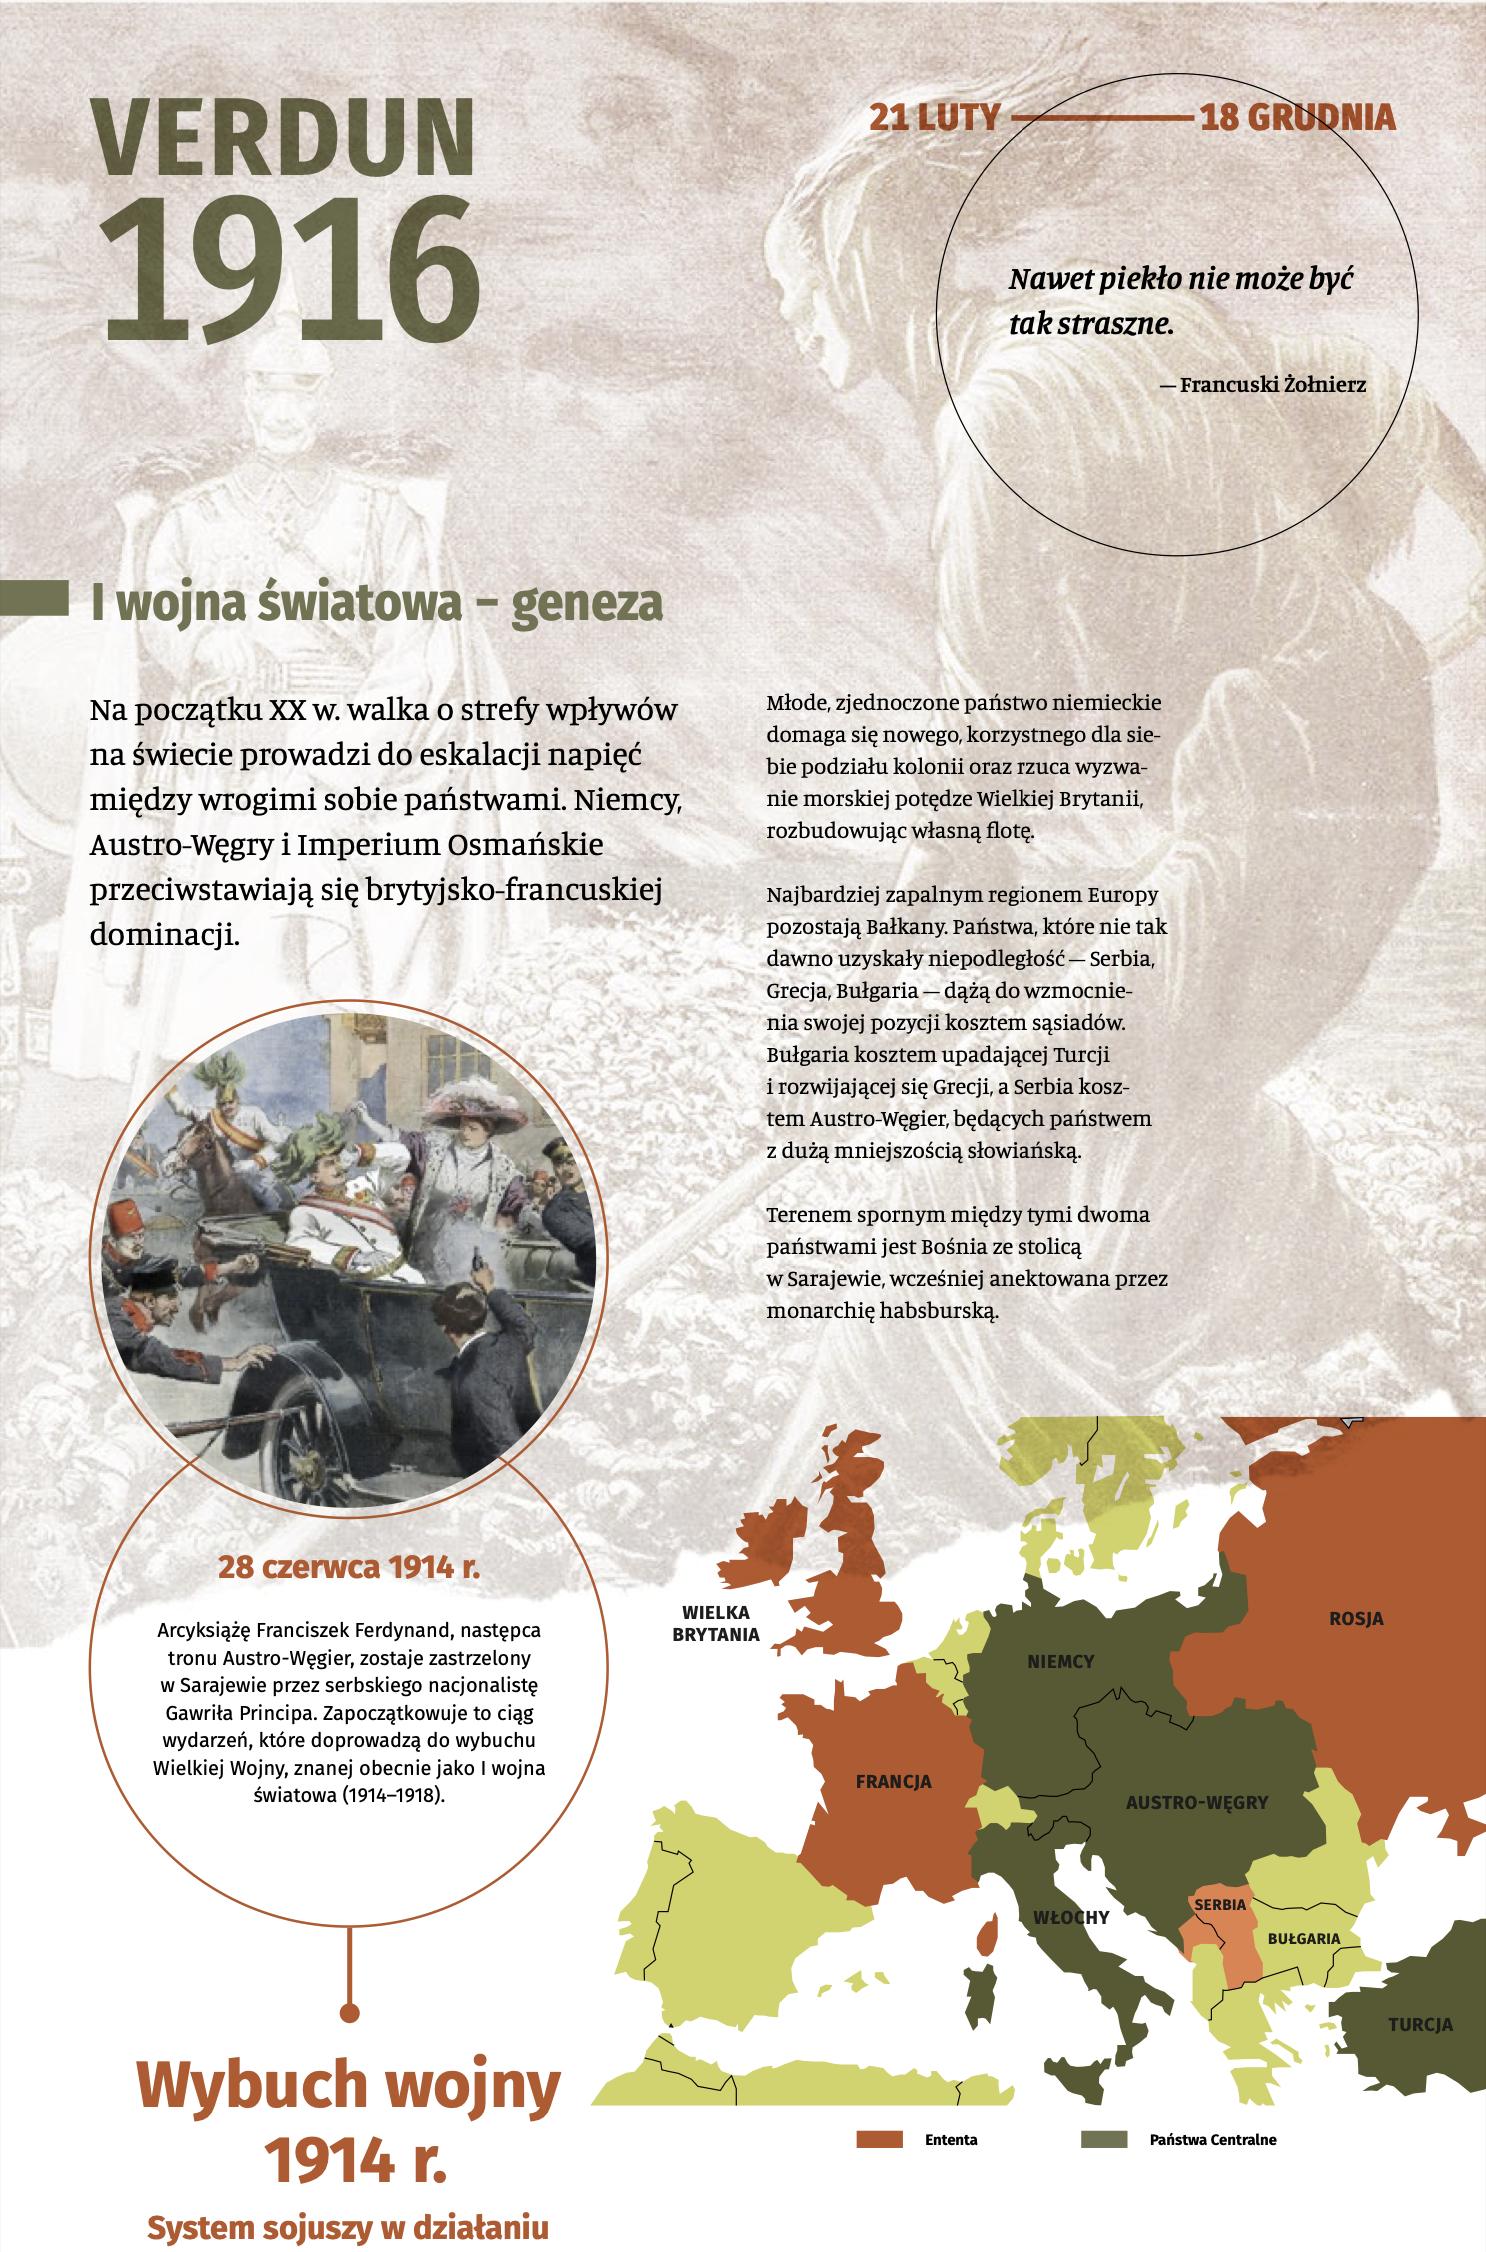 Informacje o Verdun 1916 w formacie pdf. Otwiera się w nowej zakładce